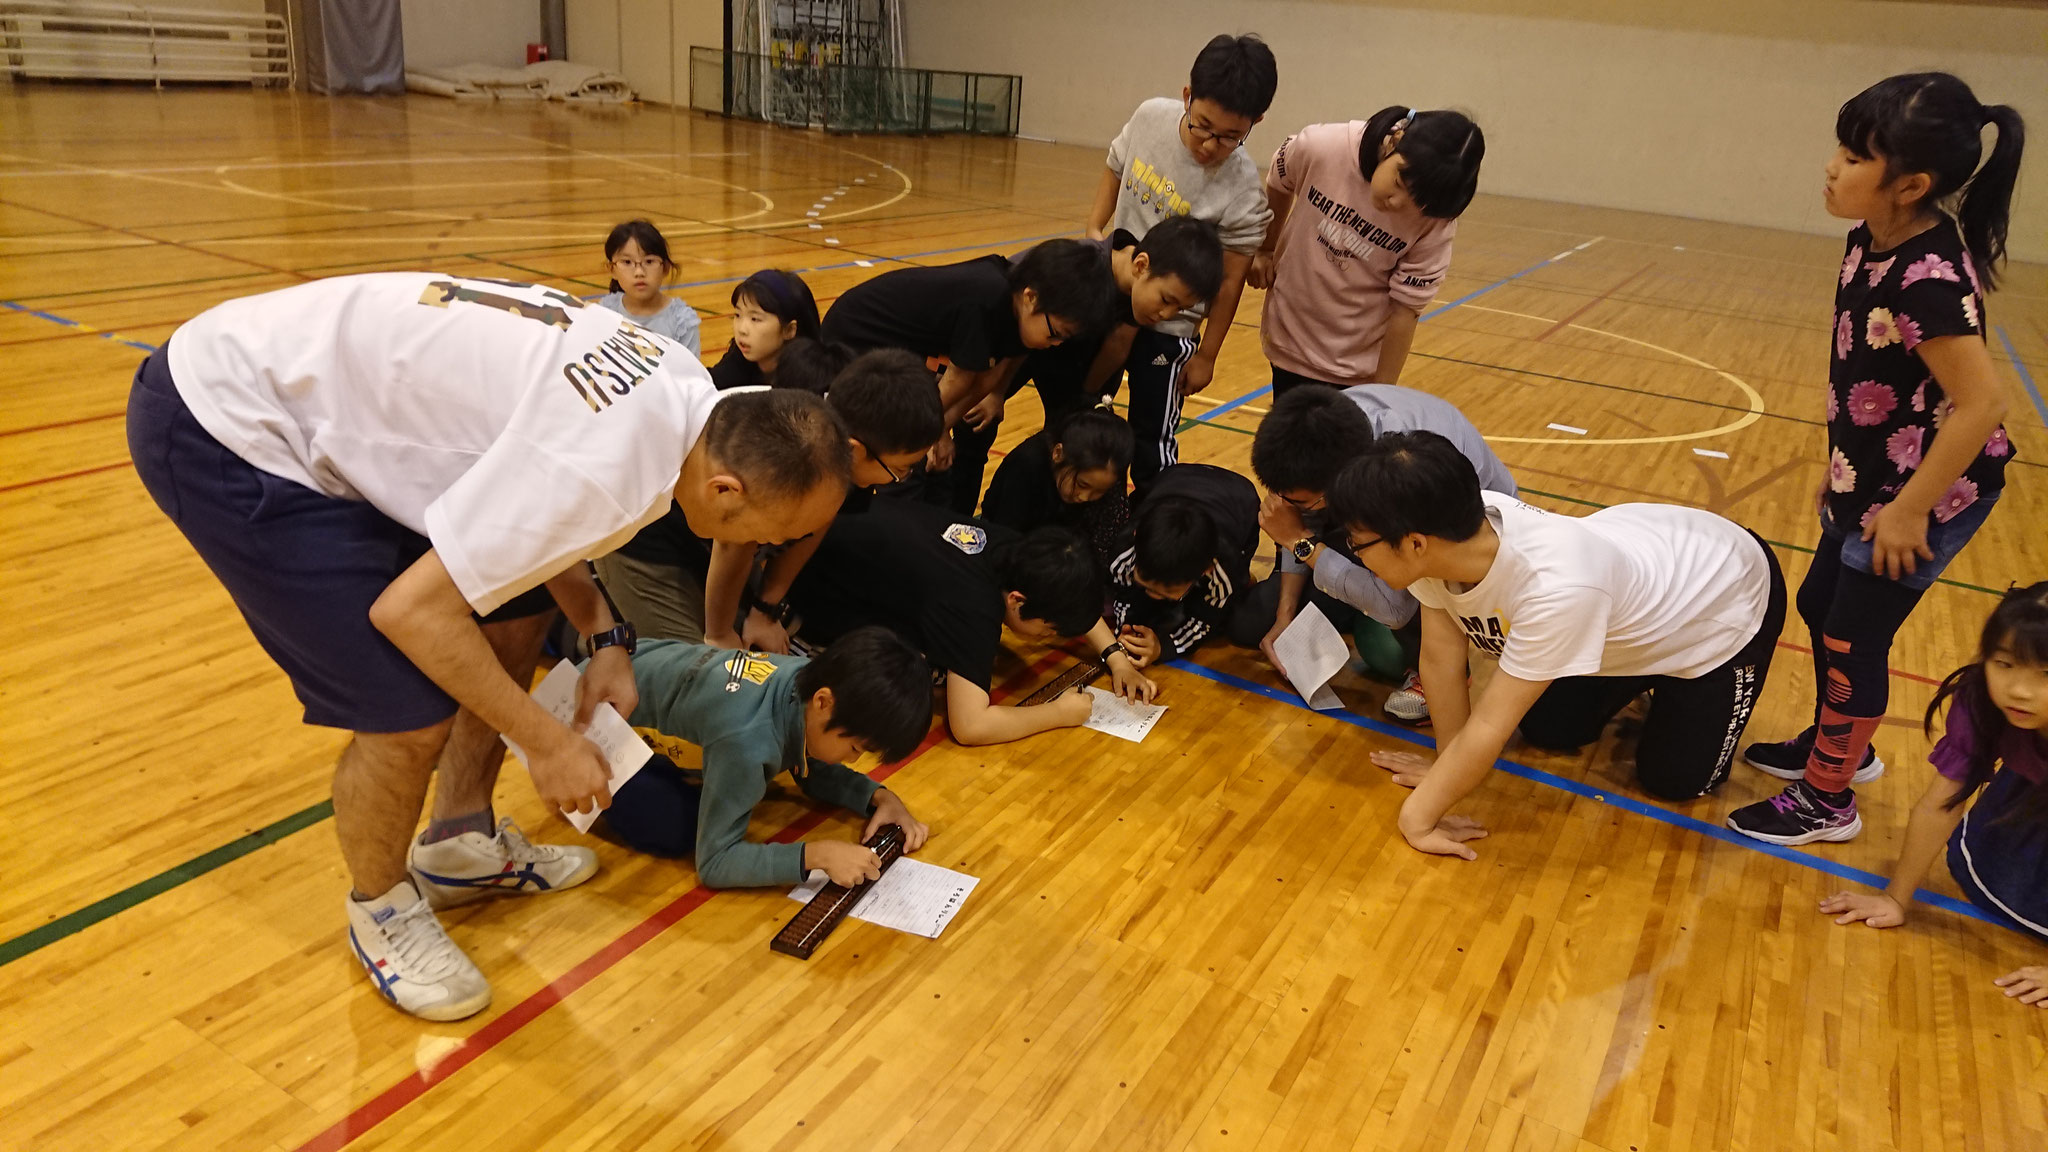 練習終了後は体育館で思いっきり遊びます。